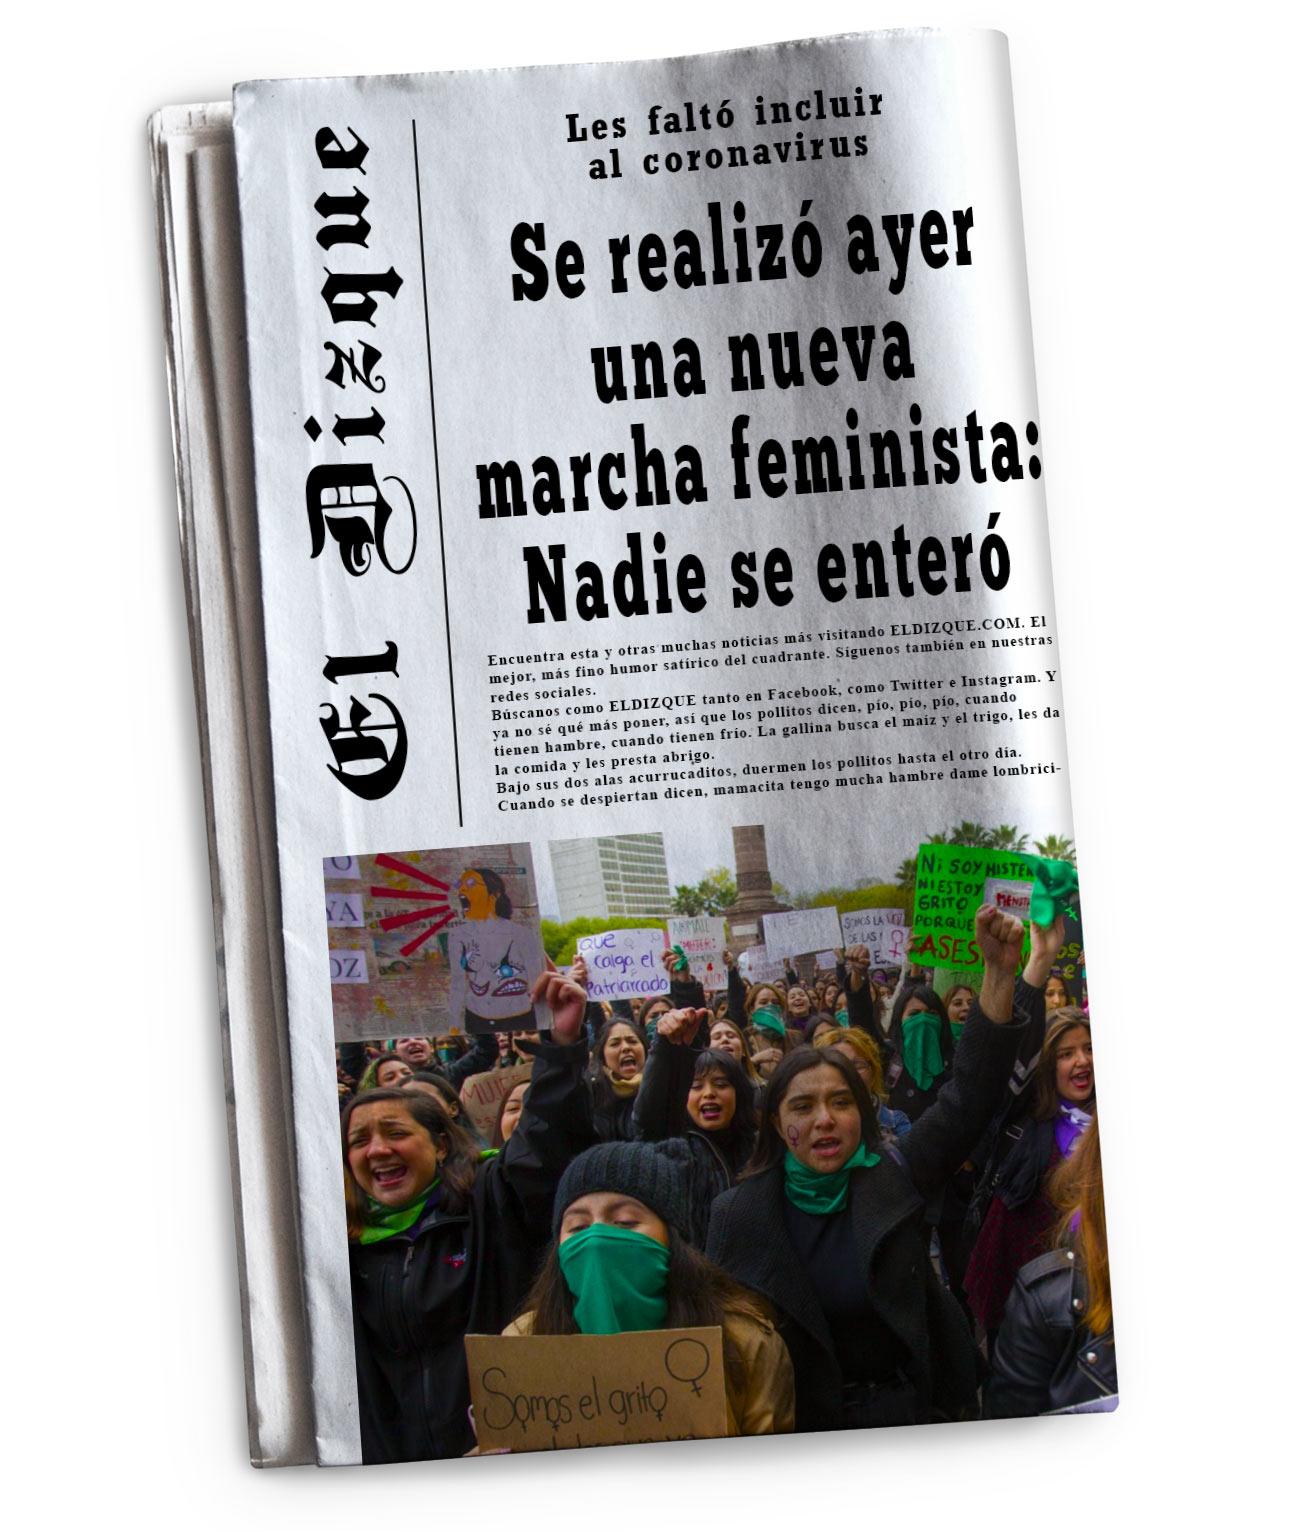 Nueva marcha feminista